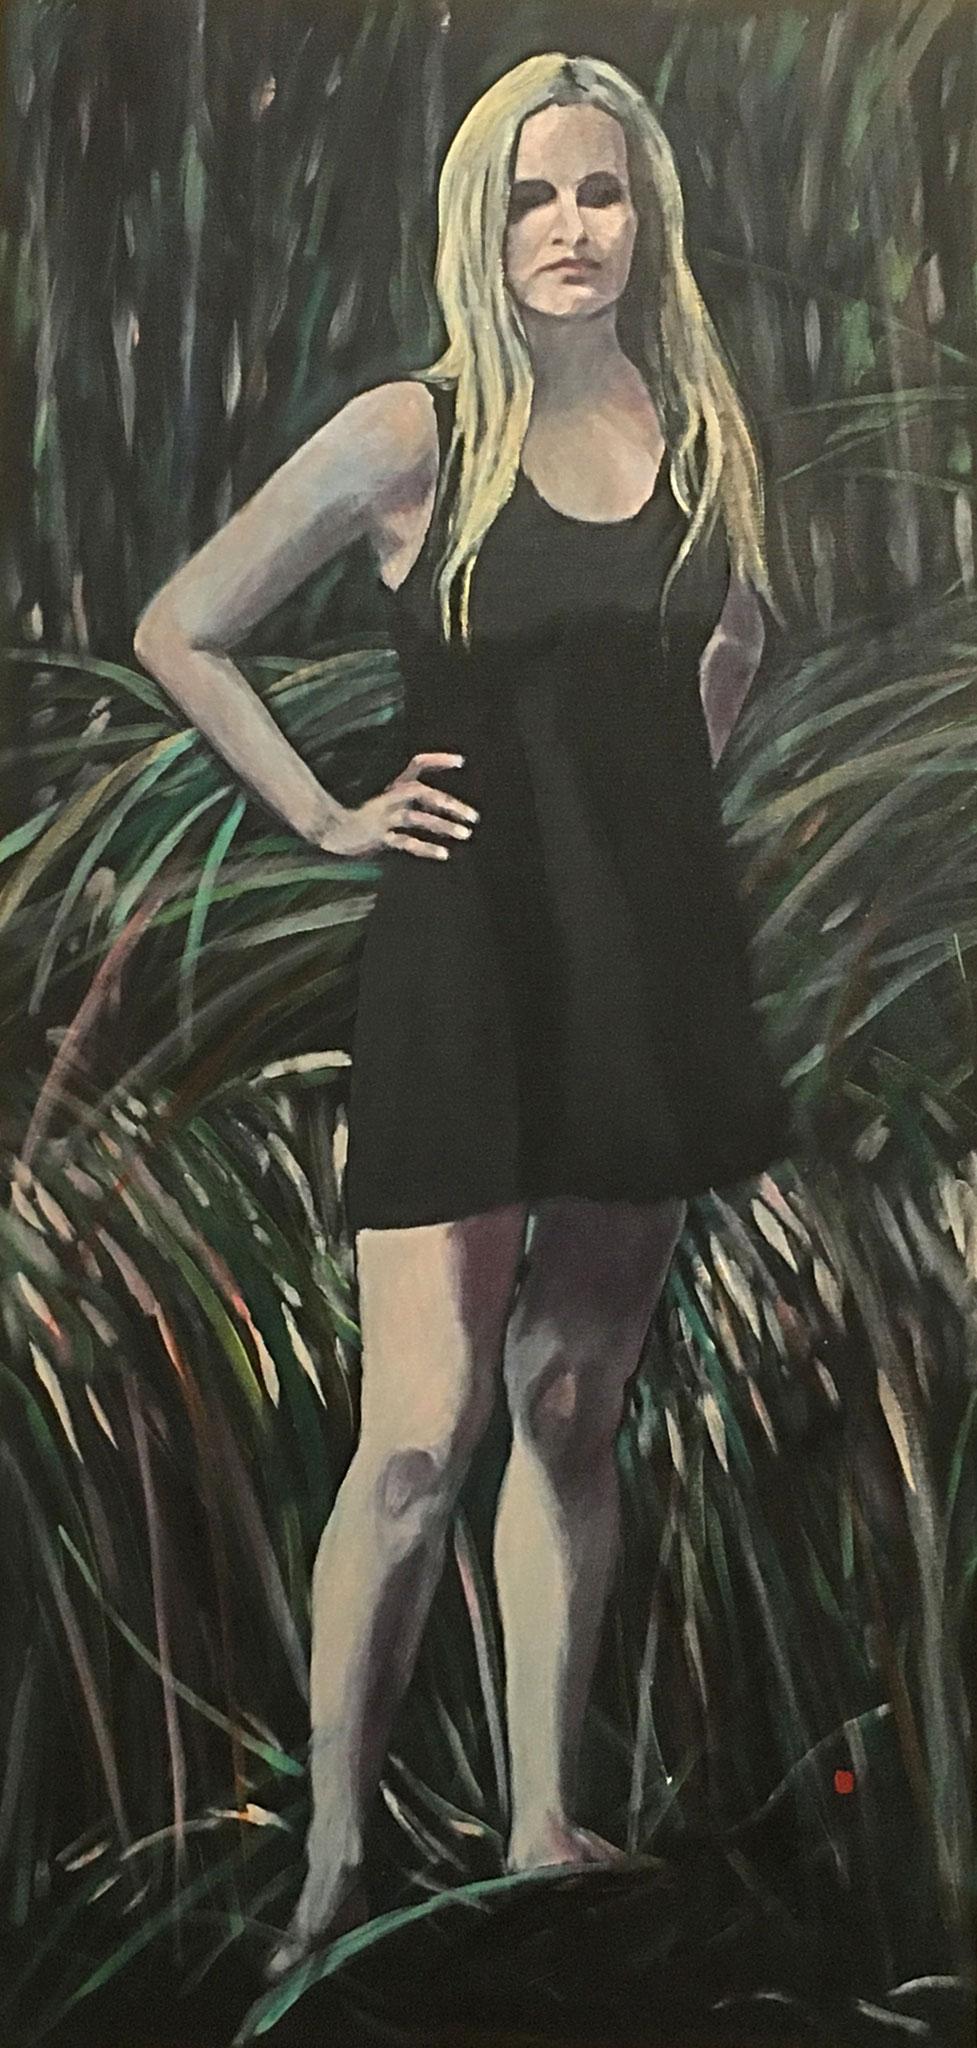 """""""Nymphe vor Gras"""", Acryl auf Baumwolle, 100x70, 2015"""